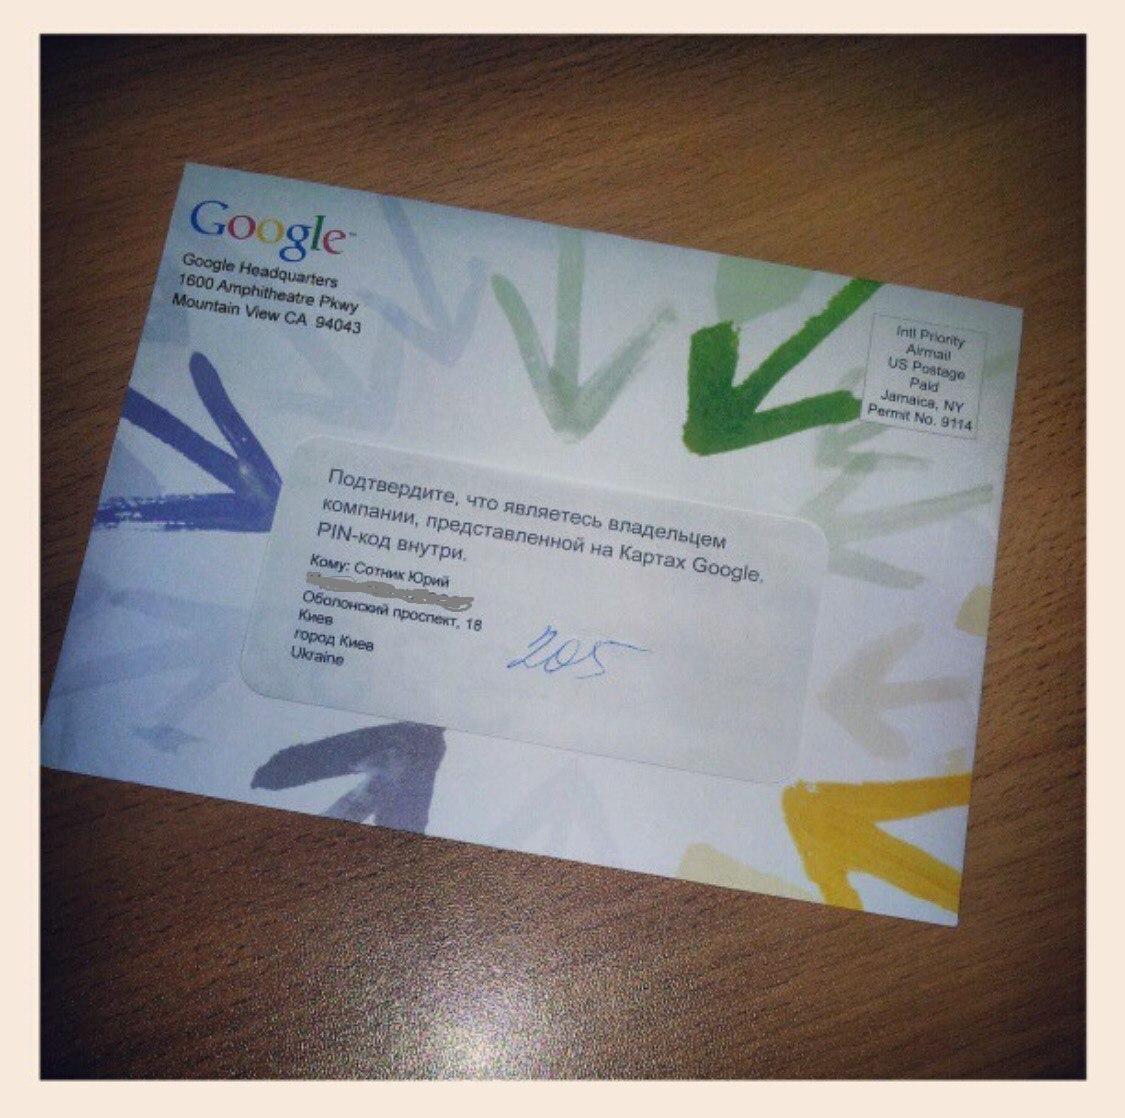 Письмо от Google с кодом